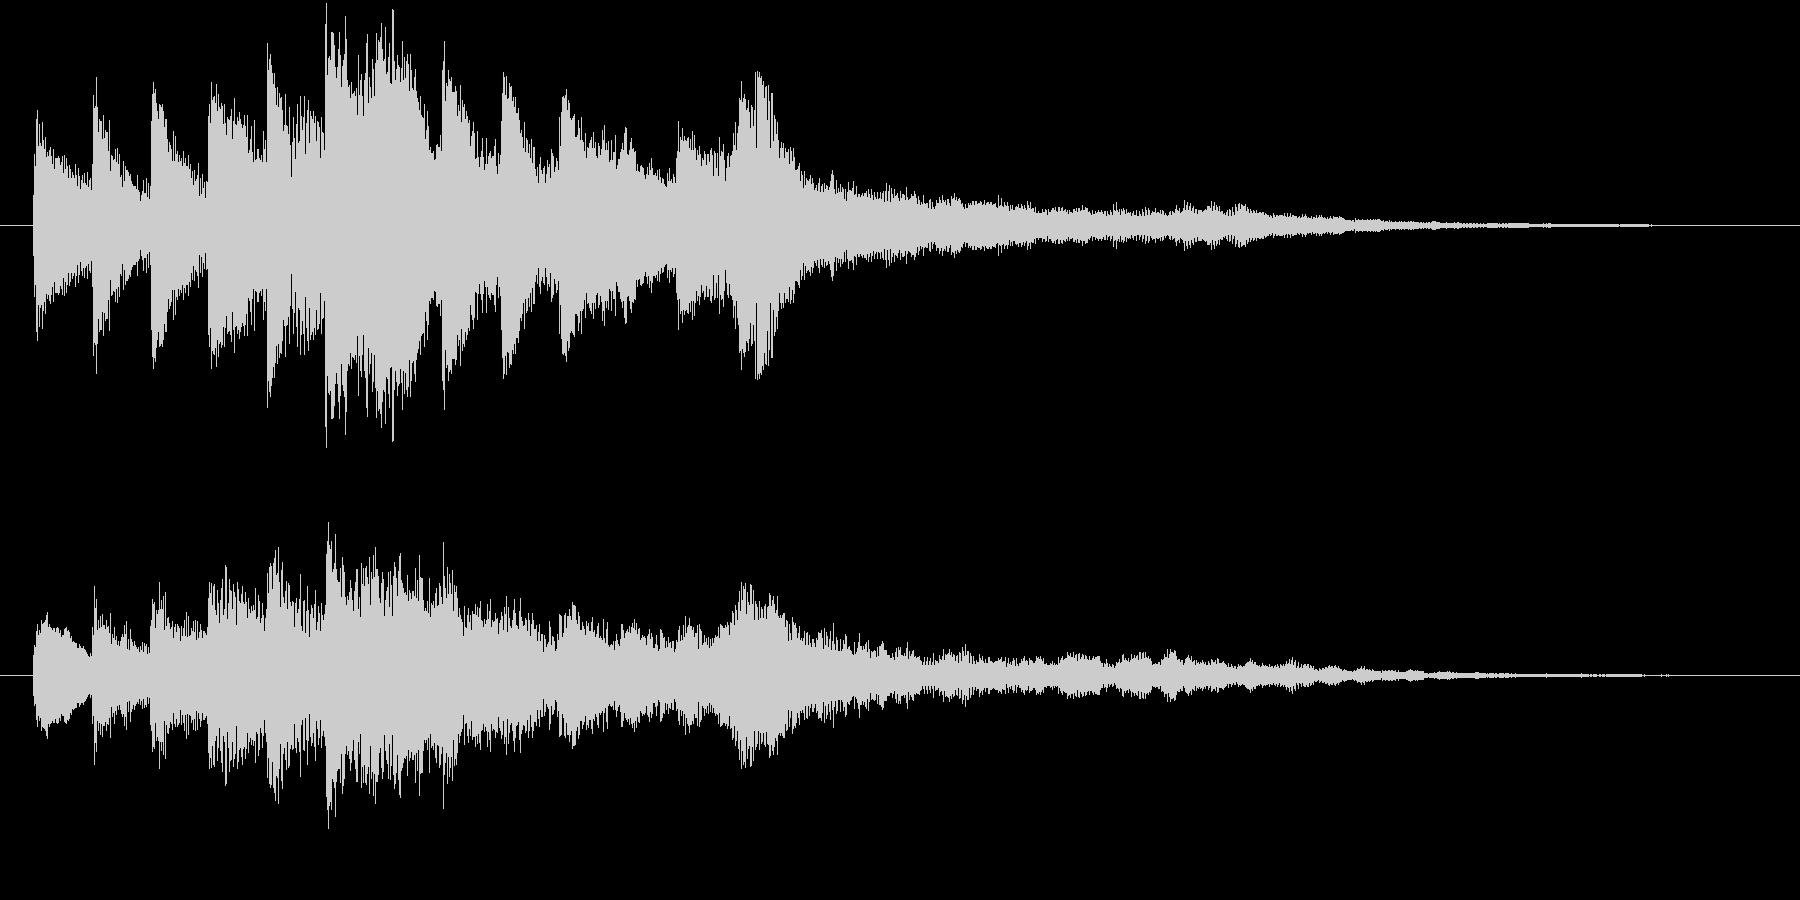 透明感のあるシンプルなサウンドロゴの未再生の波形